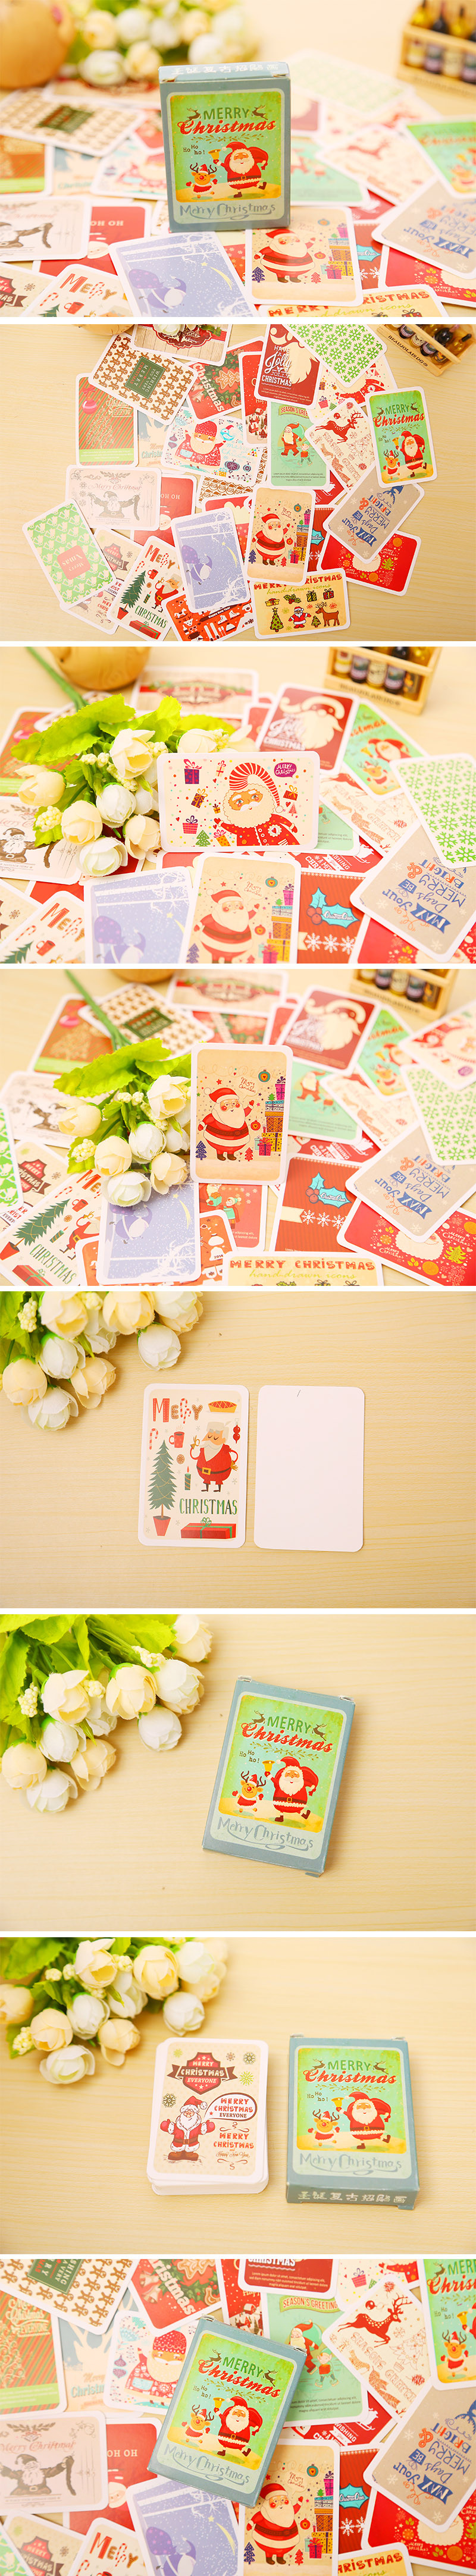 28 шт./комп. мини rods plat открытки ло памятка карты подарок для ребенка открытка каваи отменяет